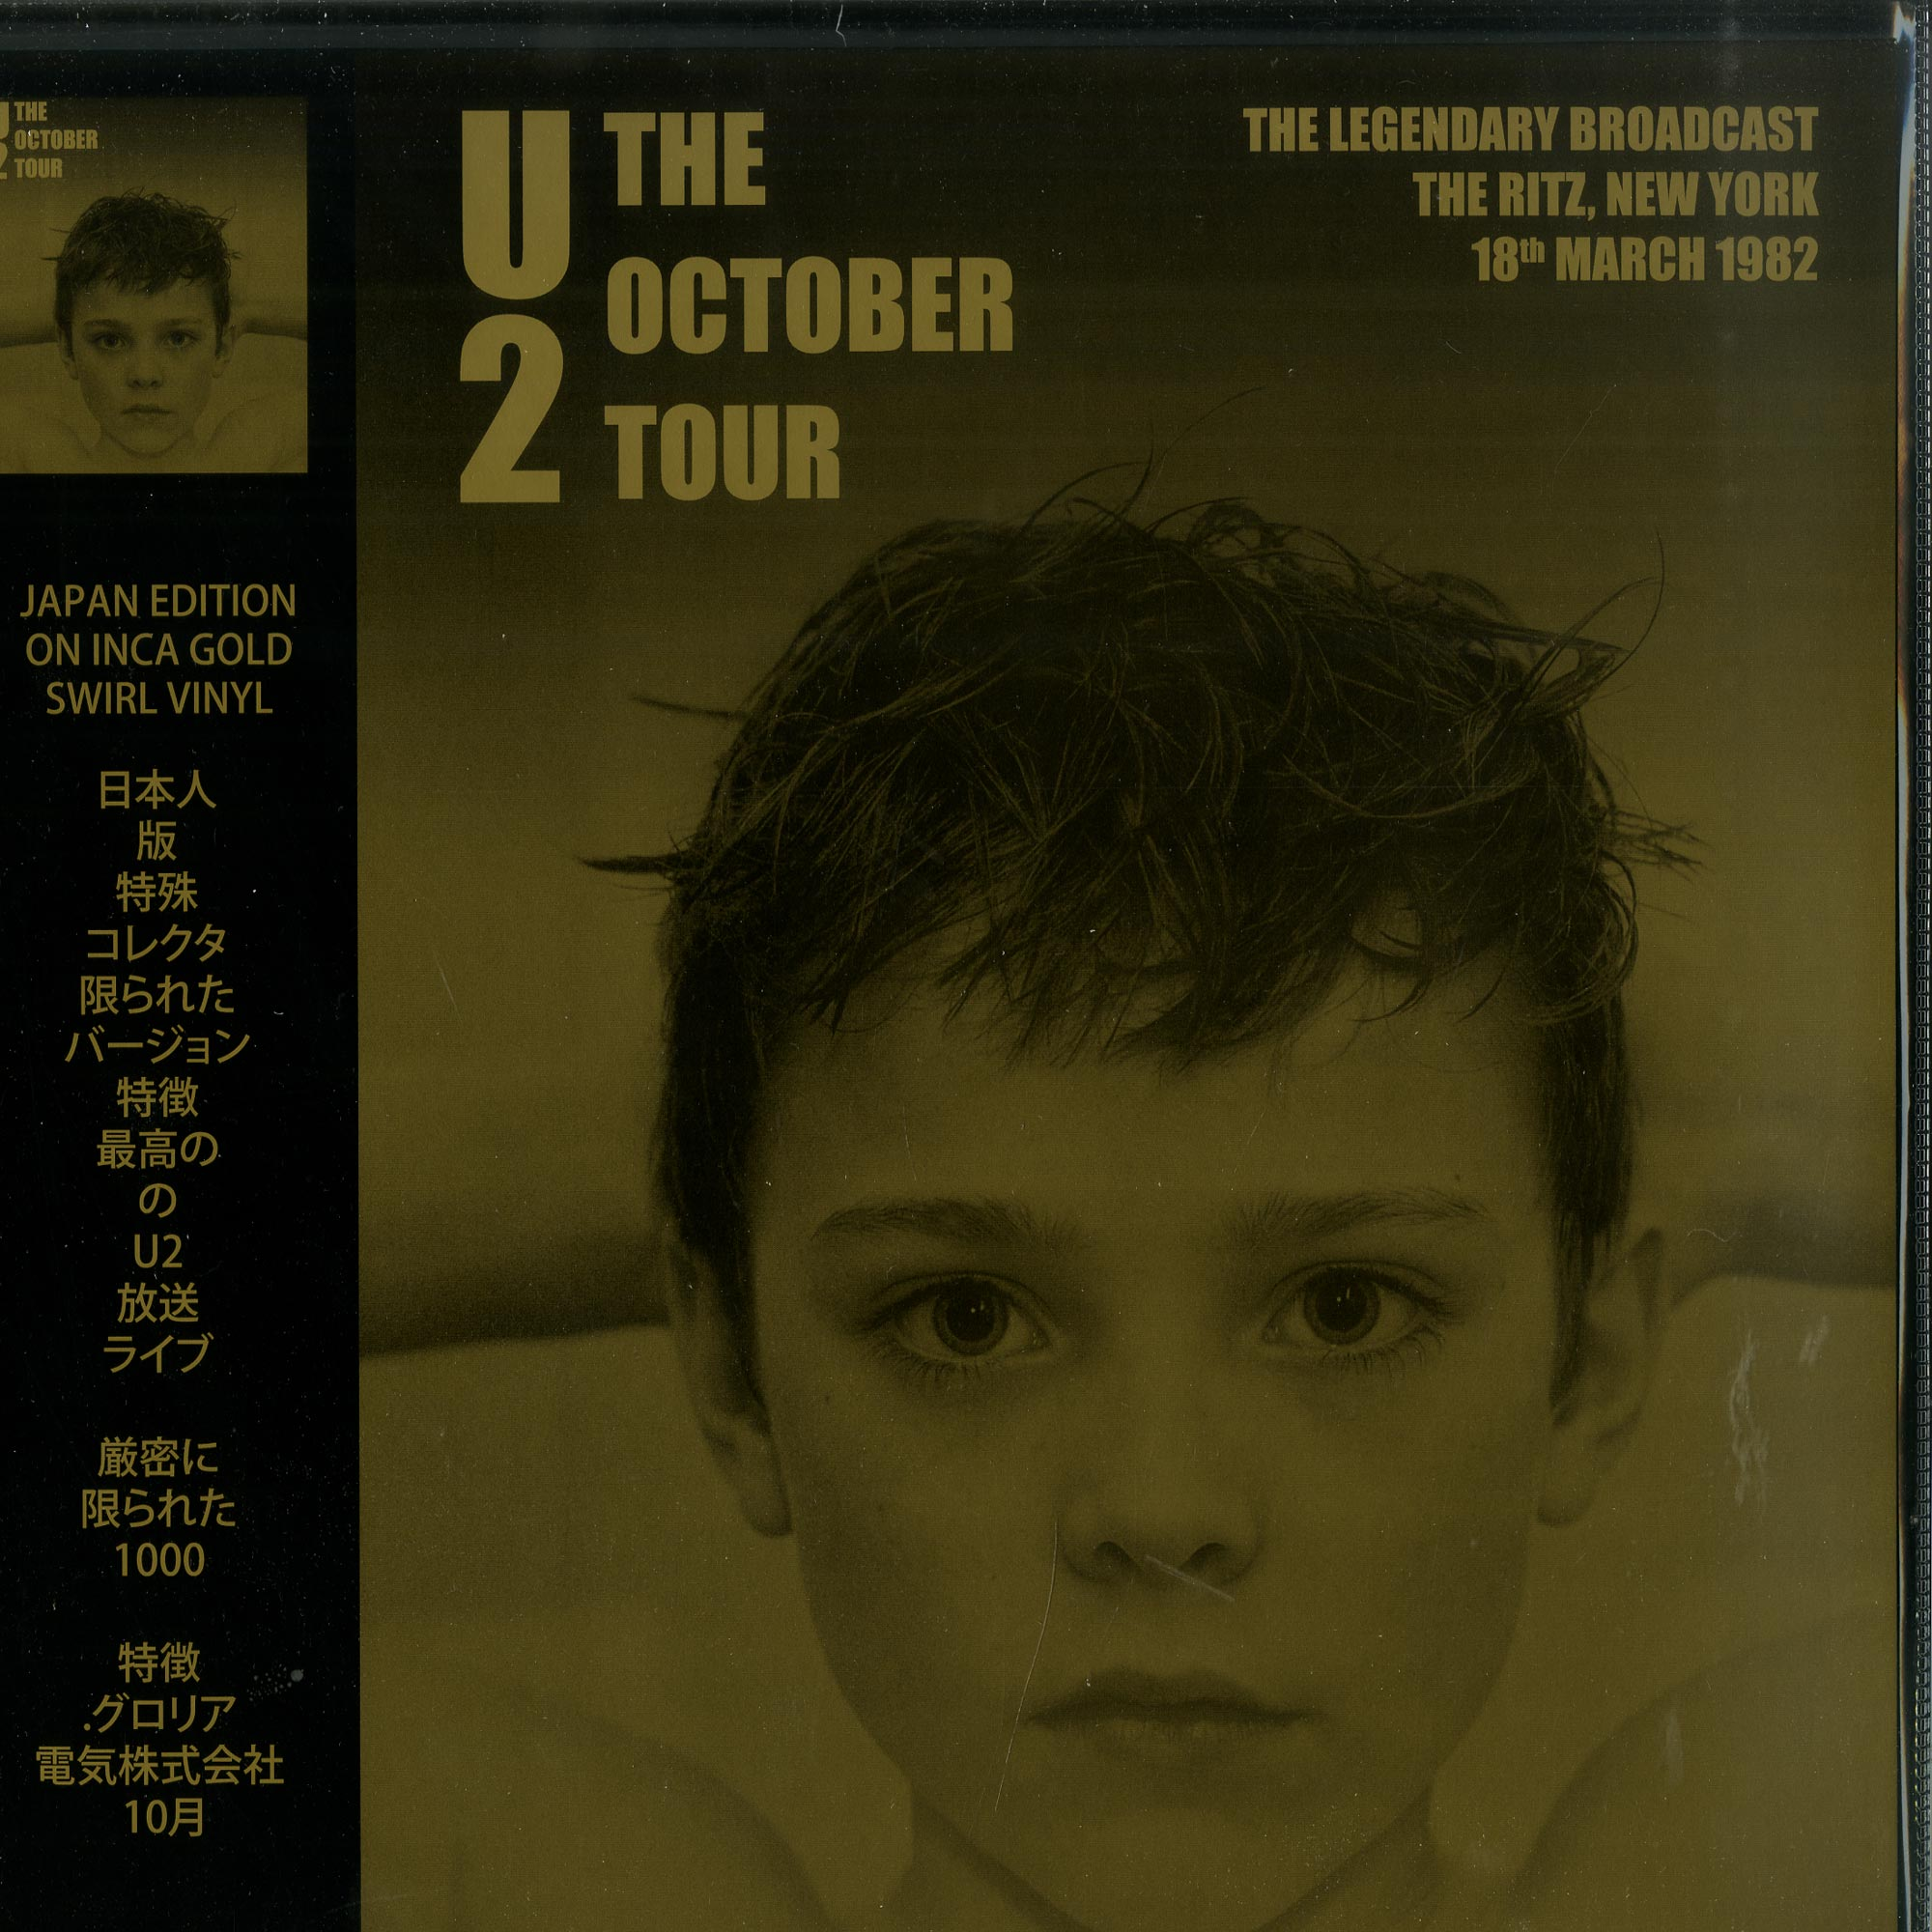 U2 - THE OCTOBER TOUR